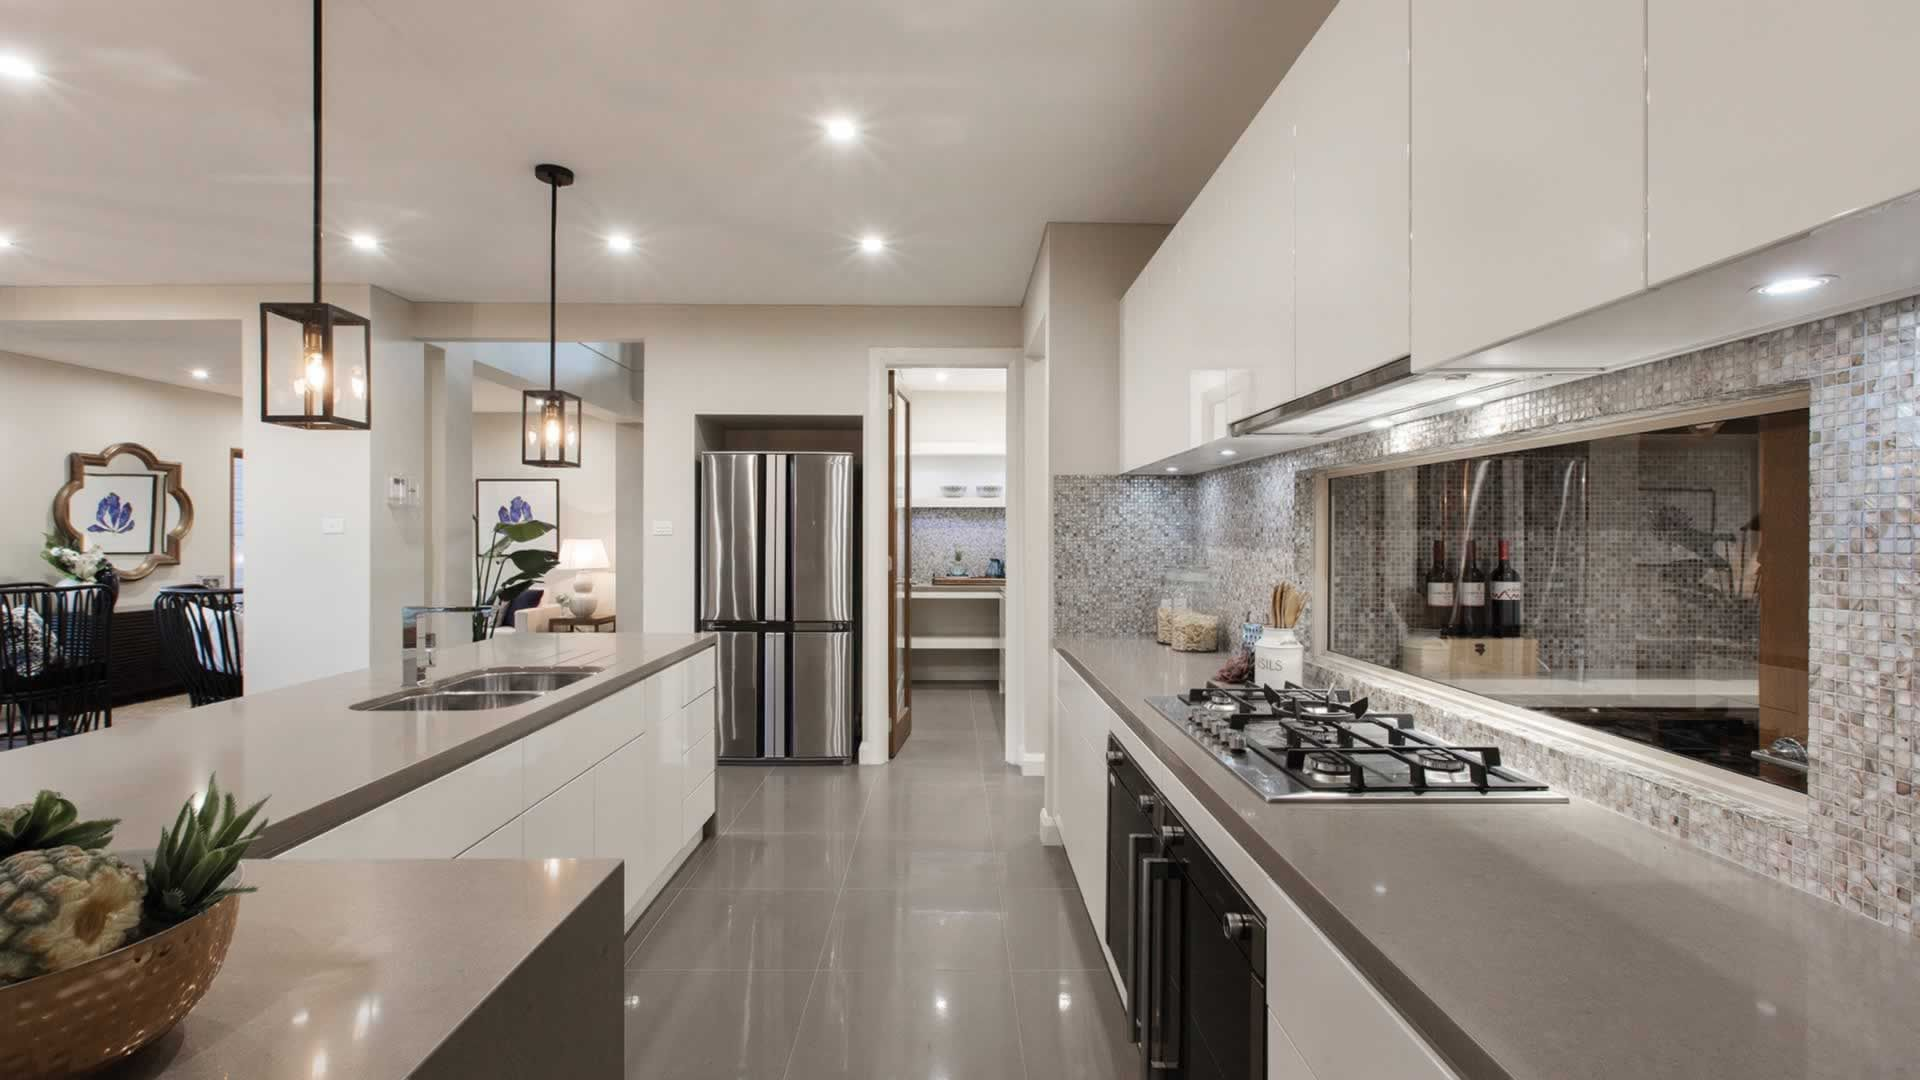 Waldorf - Prestige Series   Eden Brae Homes   kitchen stuff ...